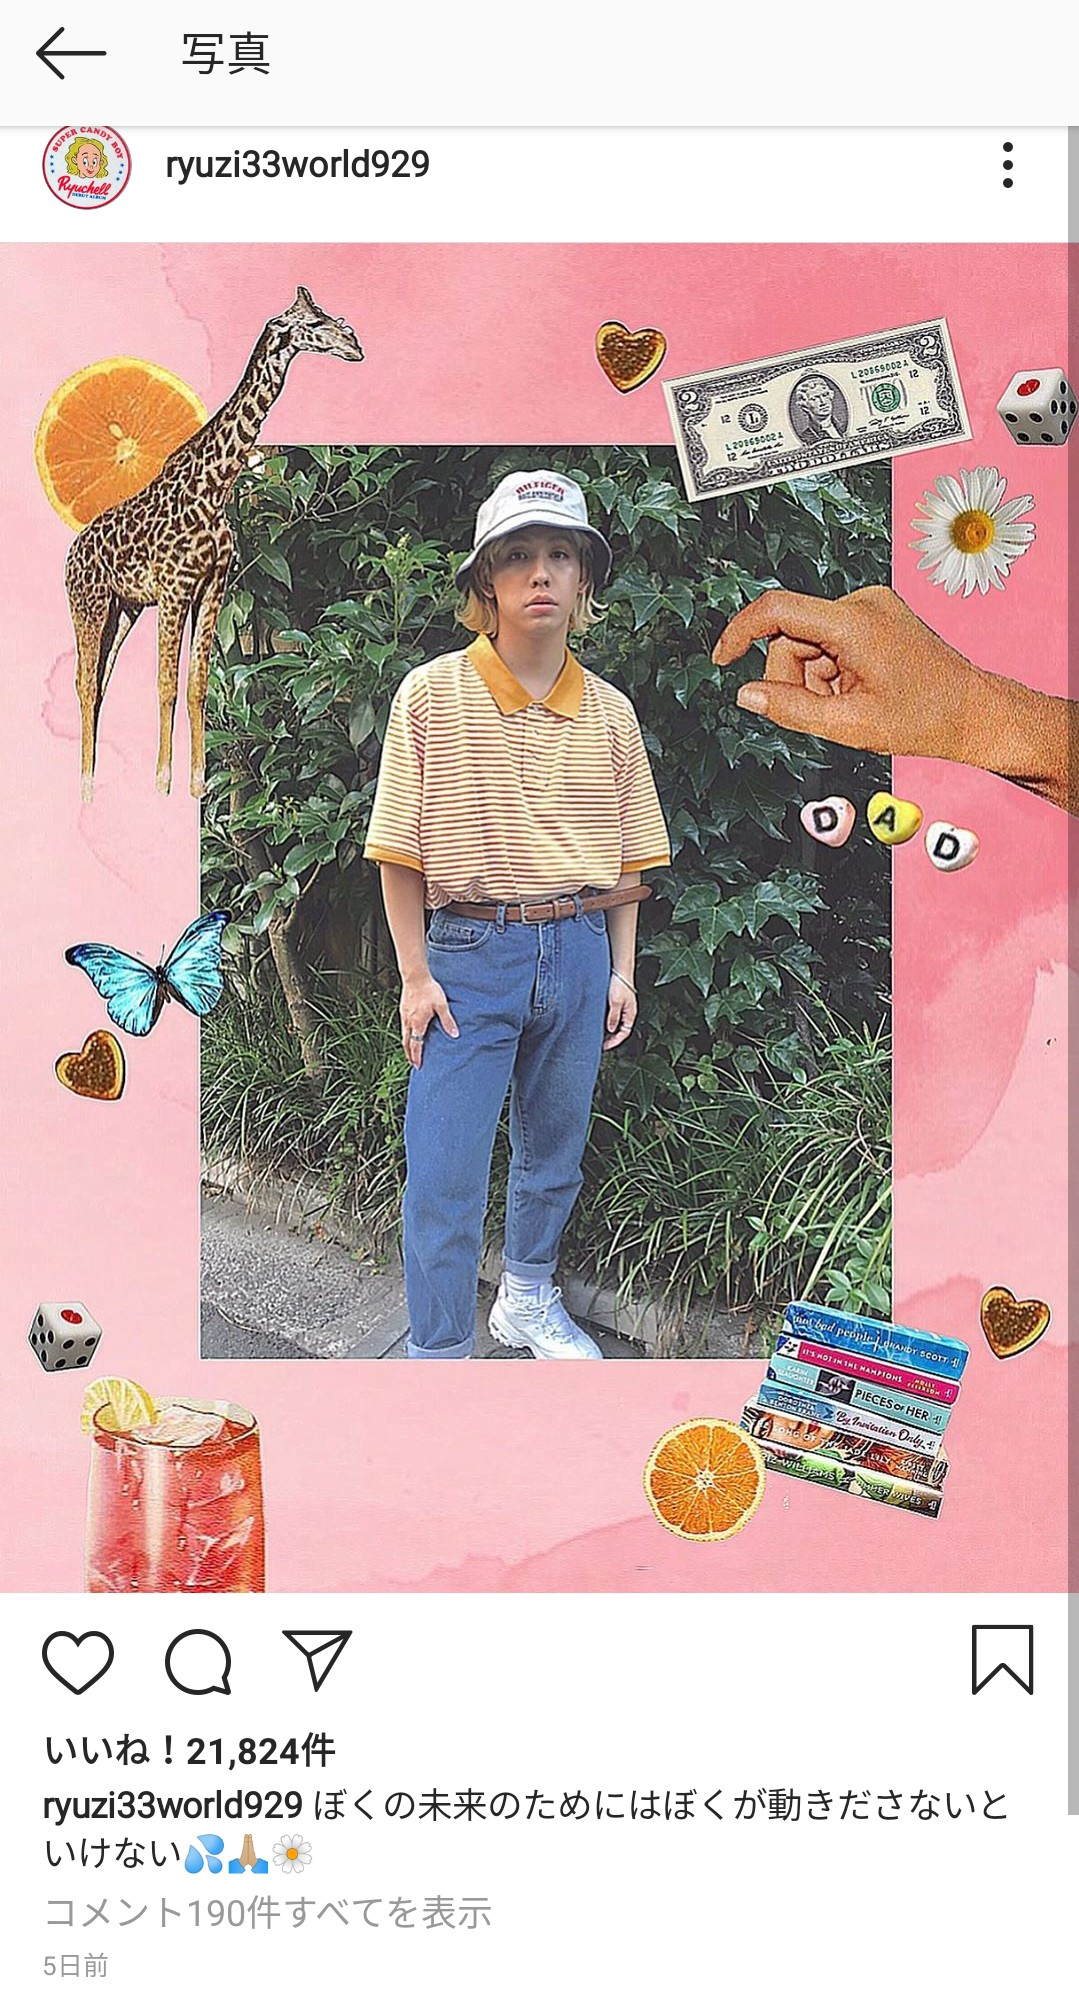 【画像】りゅうちぇる、キモオタになる